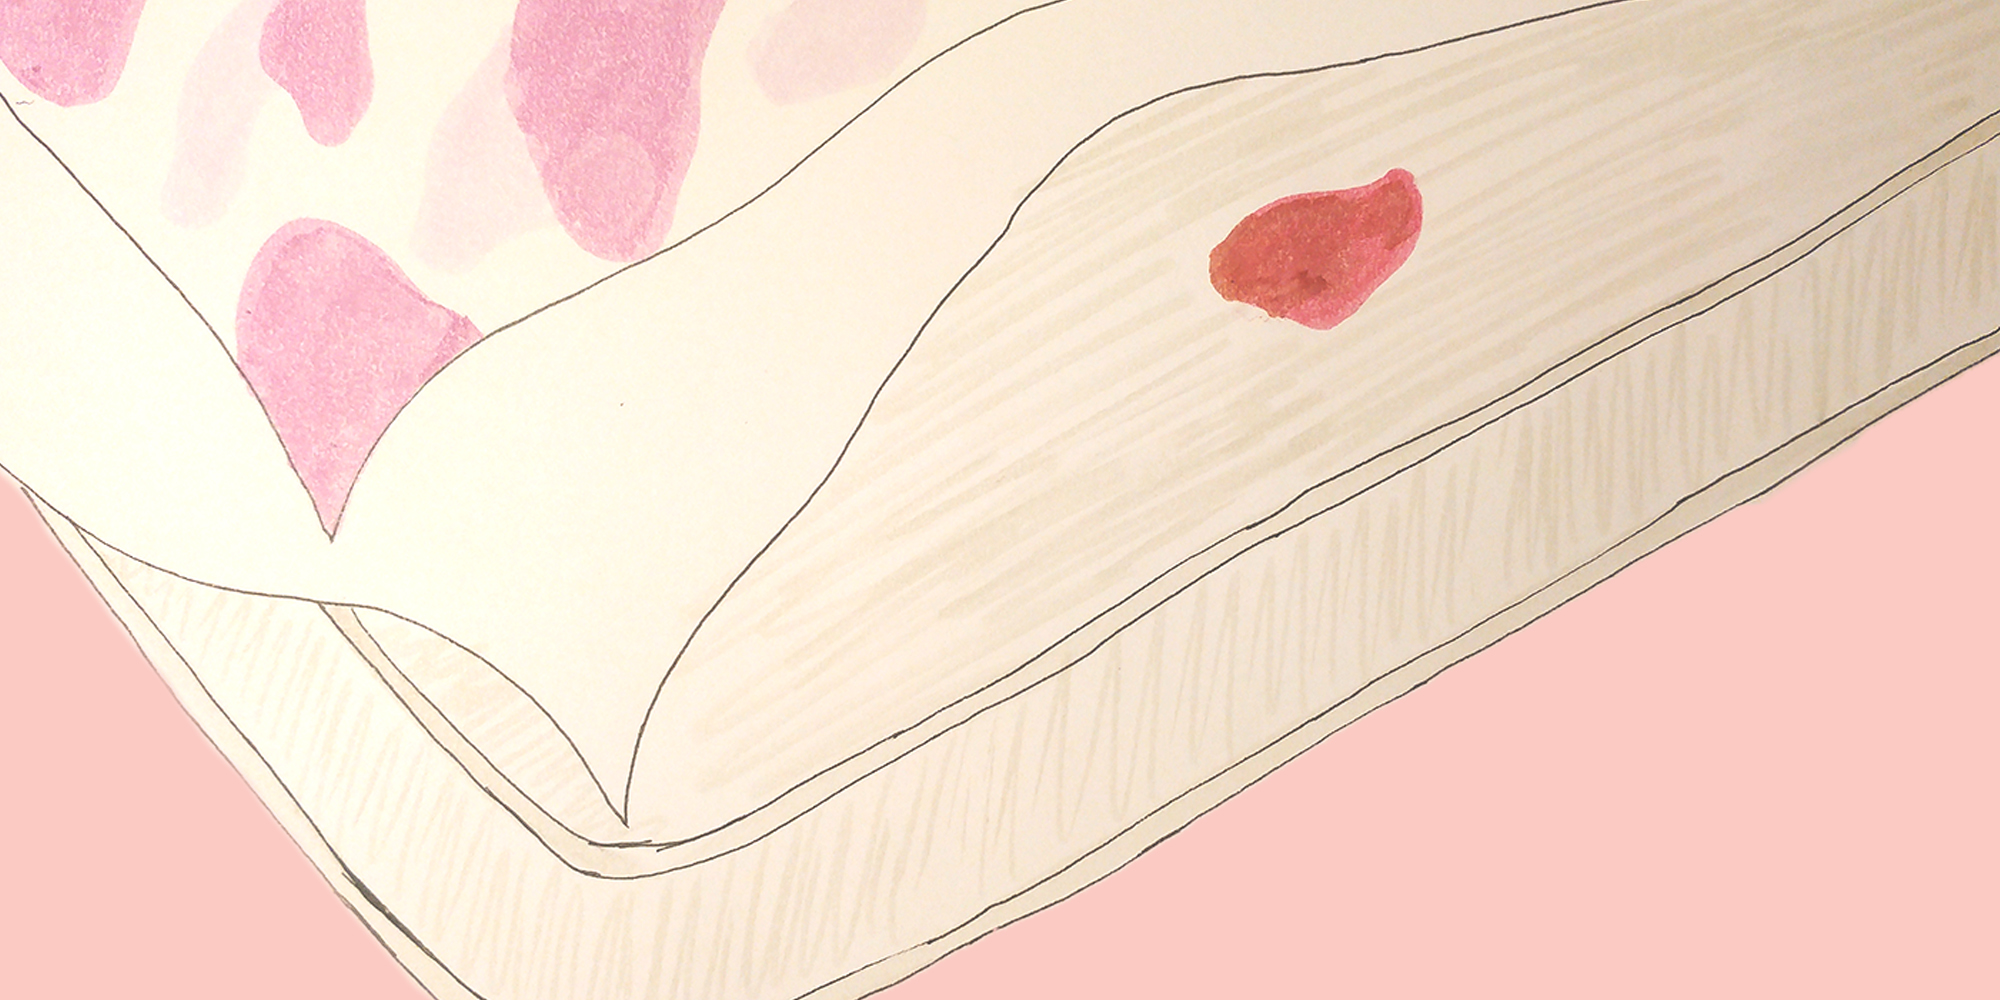 få bort blodfläckar madrass